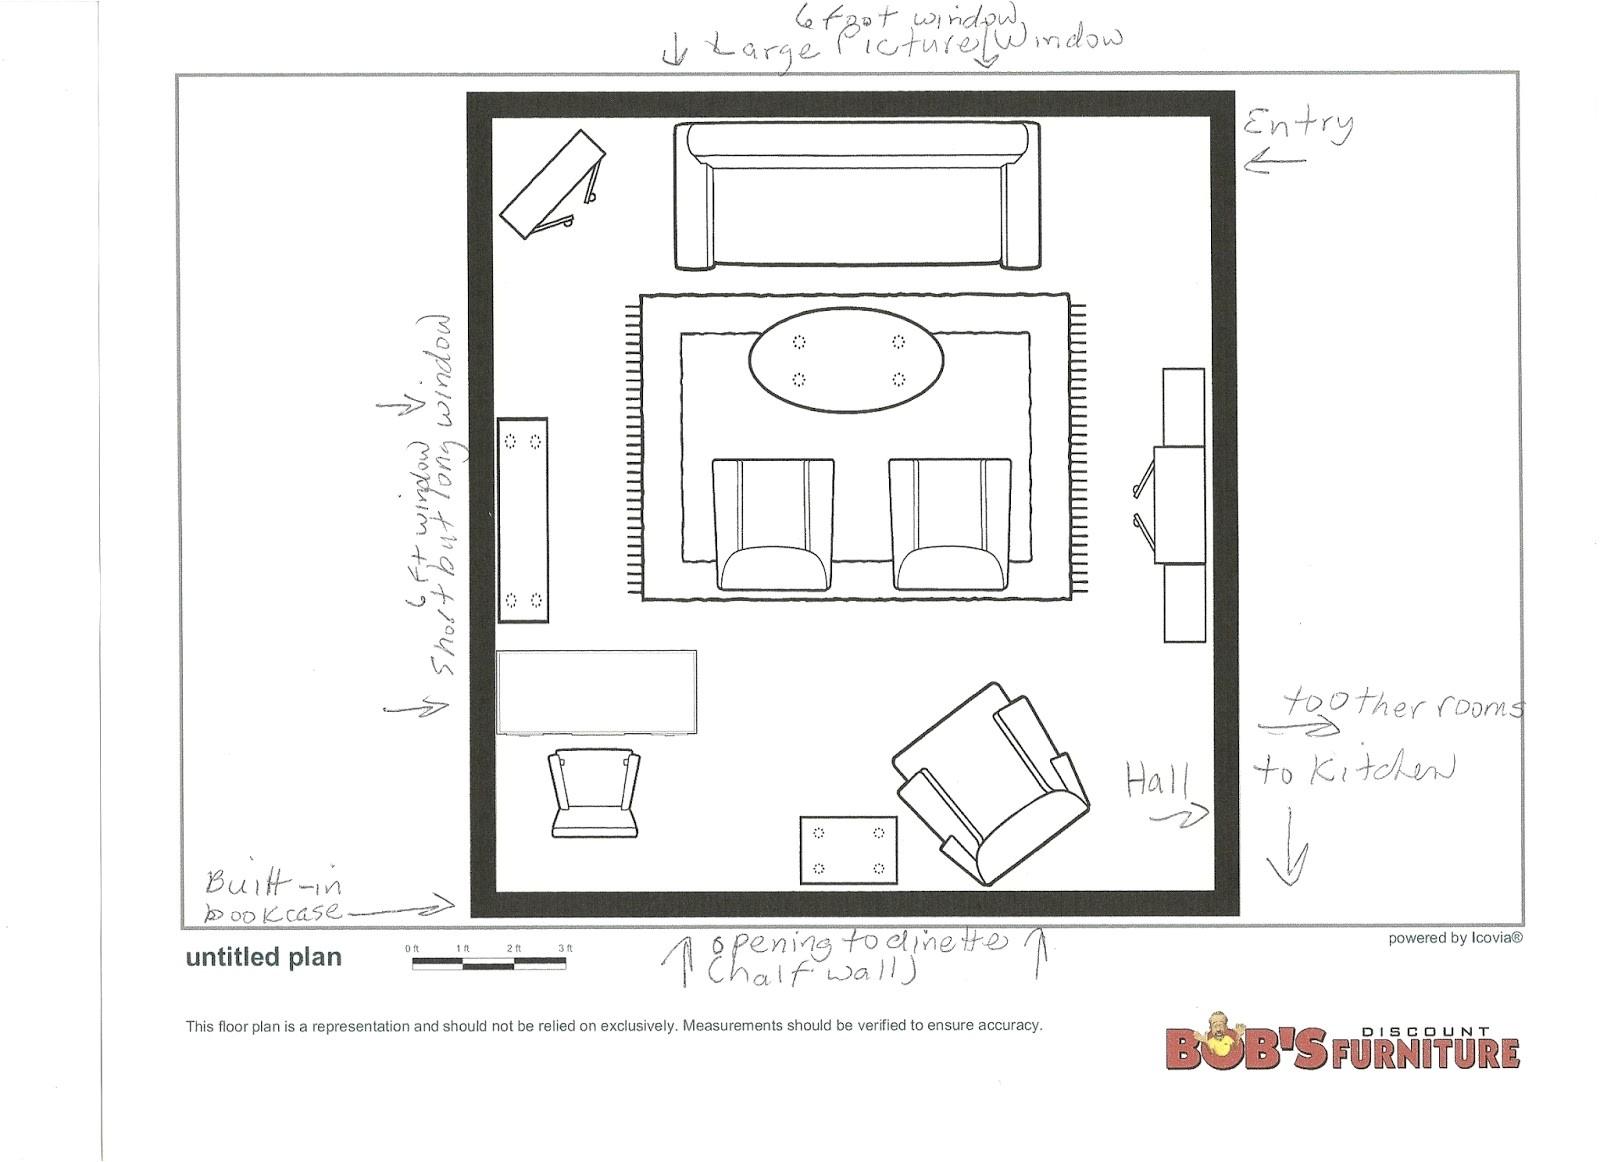 redoing living room 2 floor plan